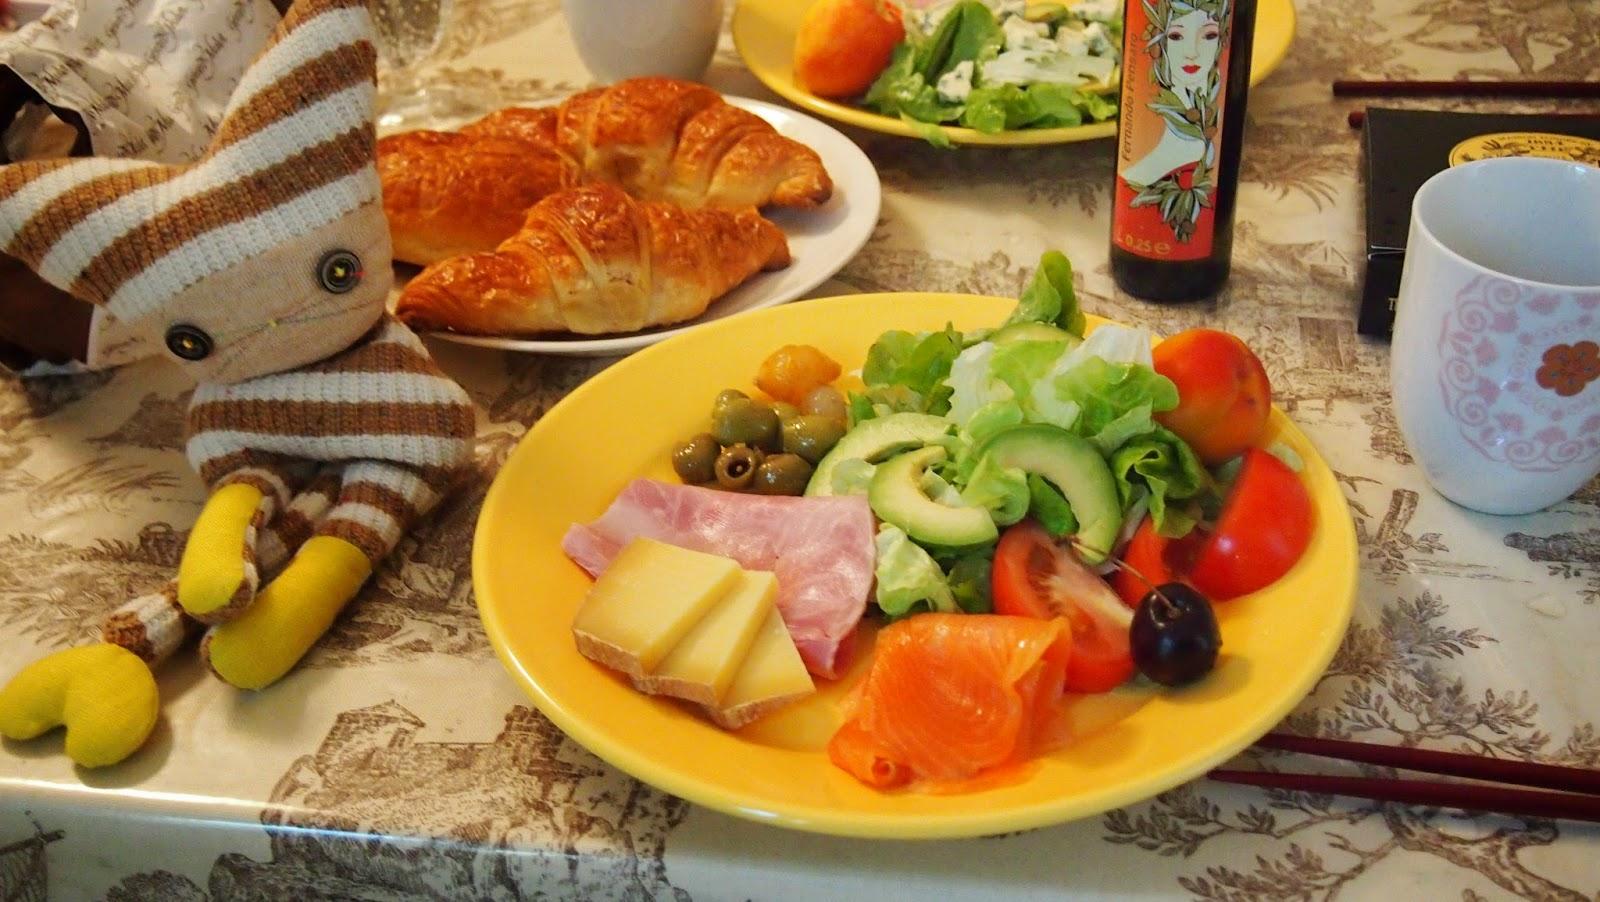 パリのアパルトマンでの朝食の写真